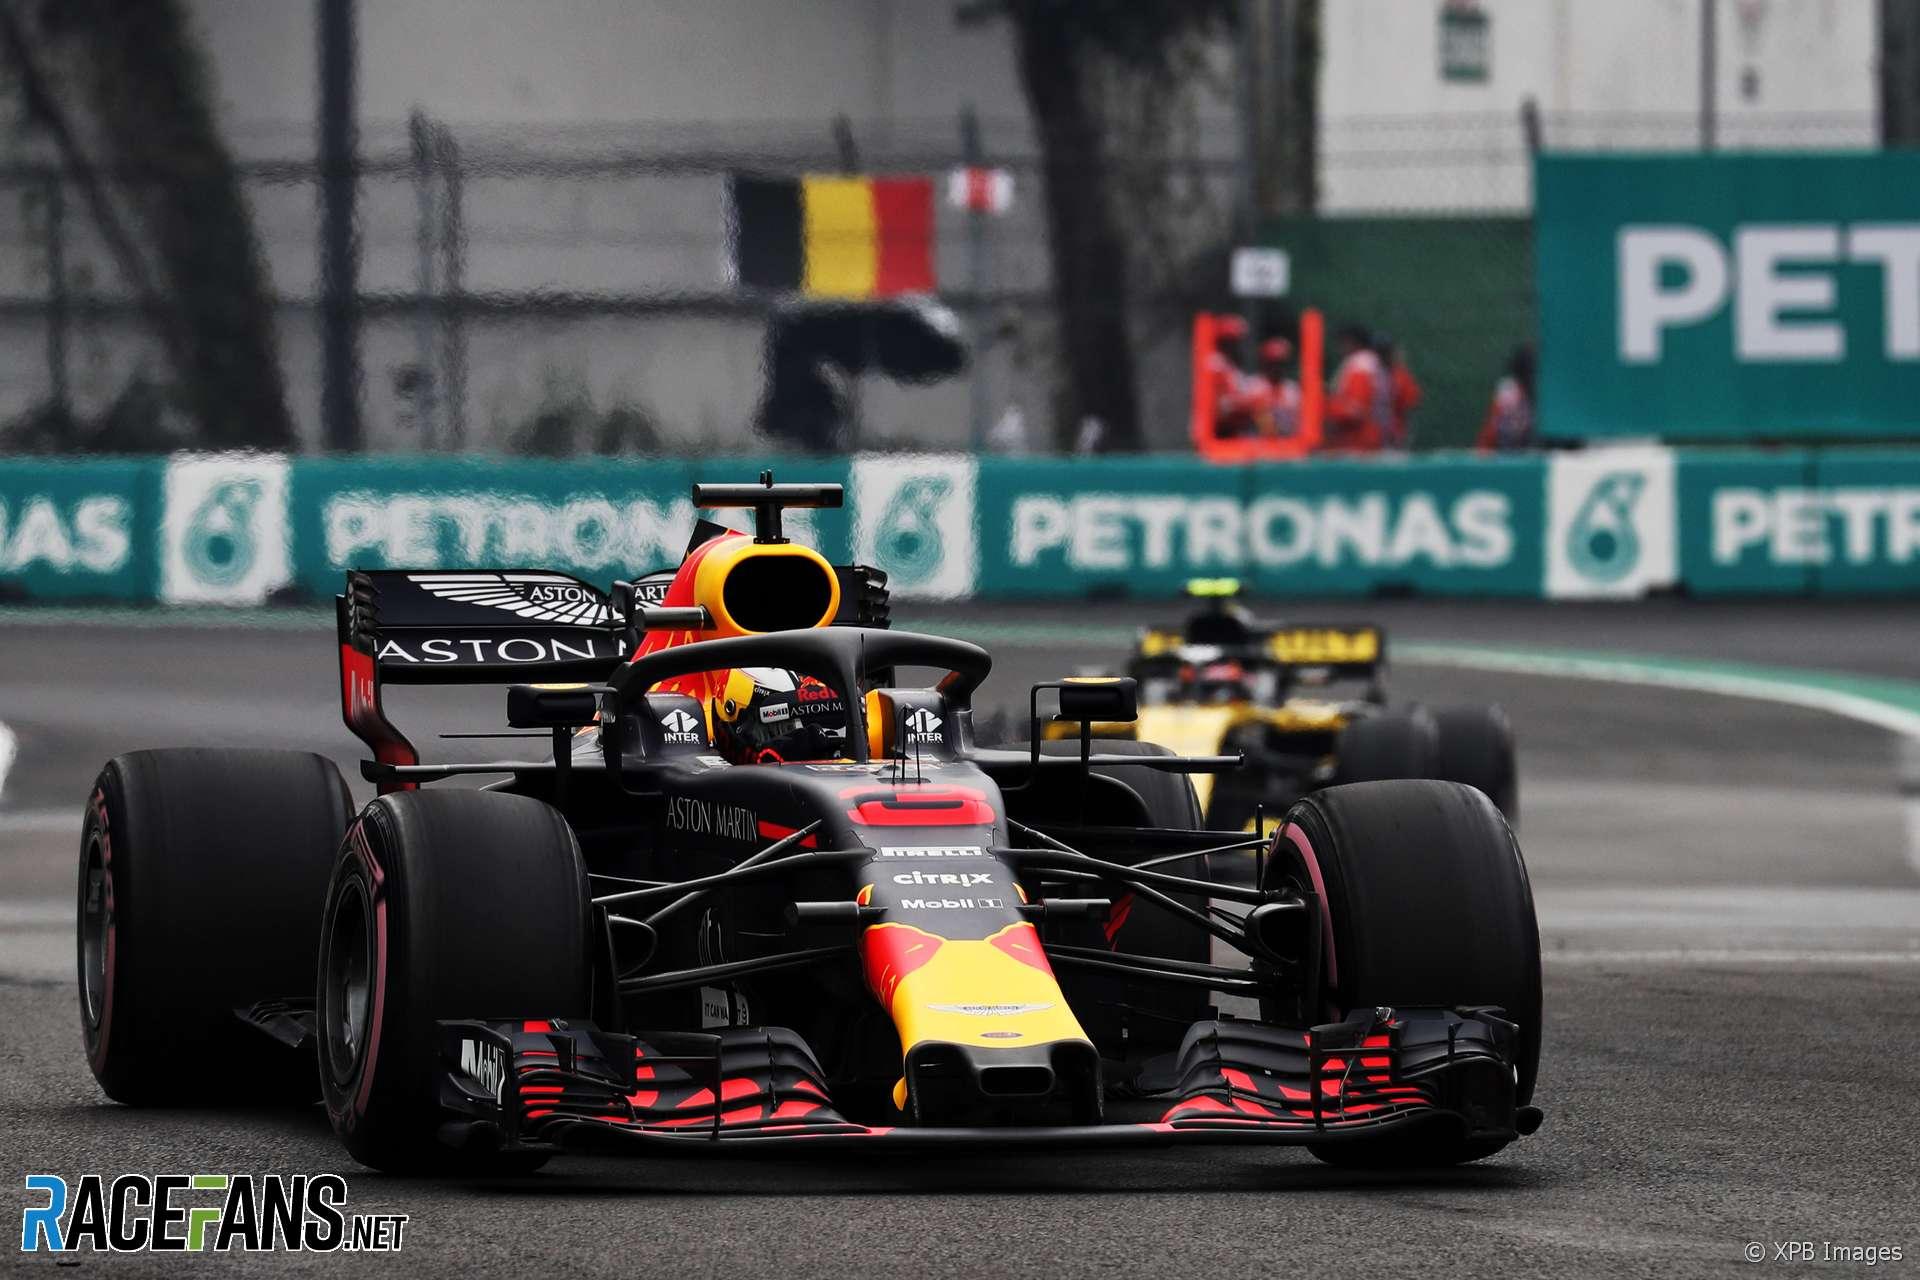 Daniel Ricciardo, Red Bull, Autodromo Hermanos Rodriguez, 2018